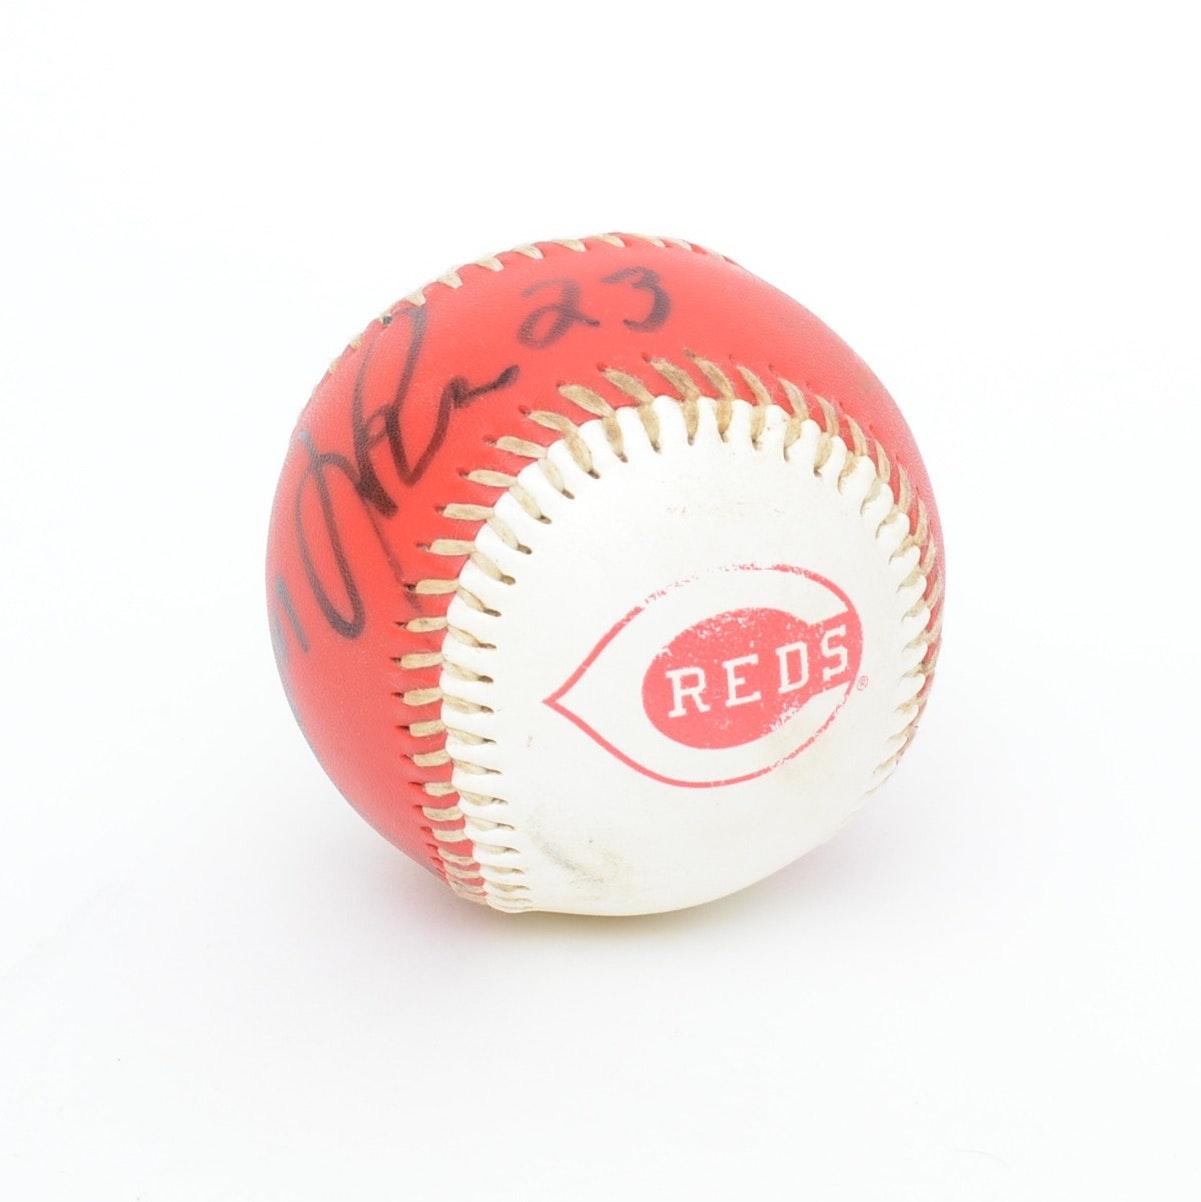 Cincinnati Reds Autographed Ball